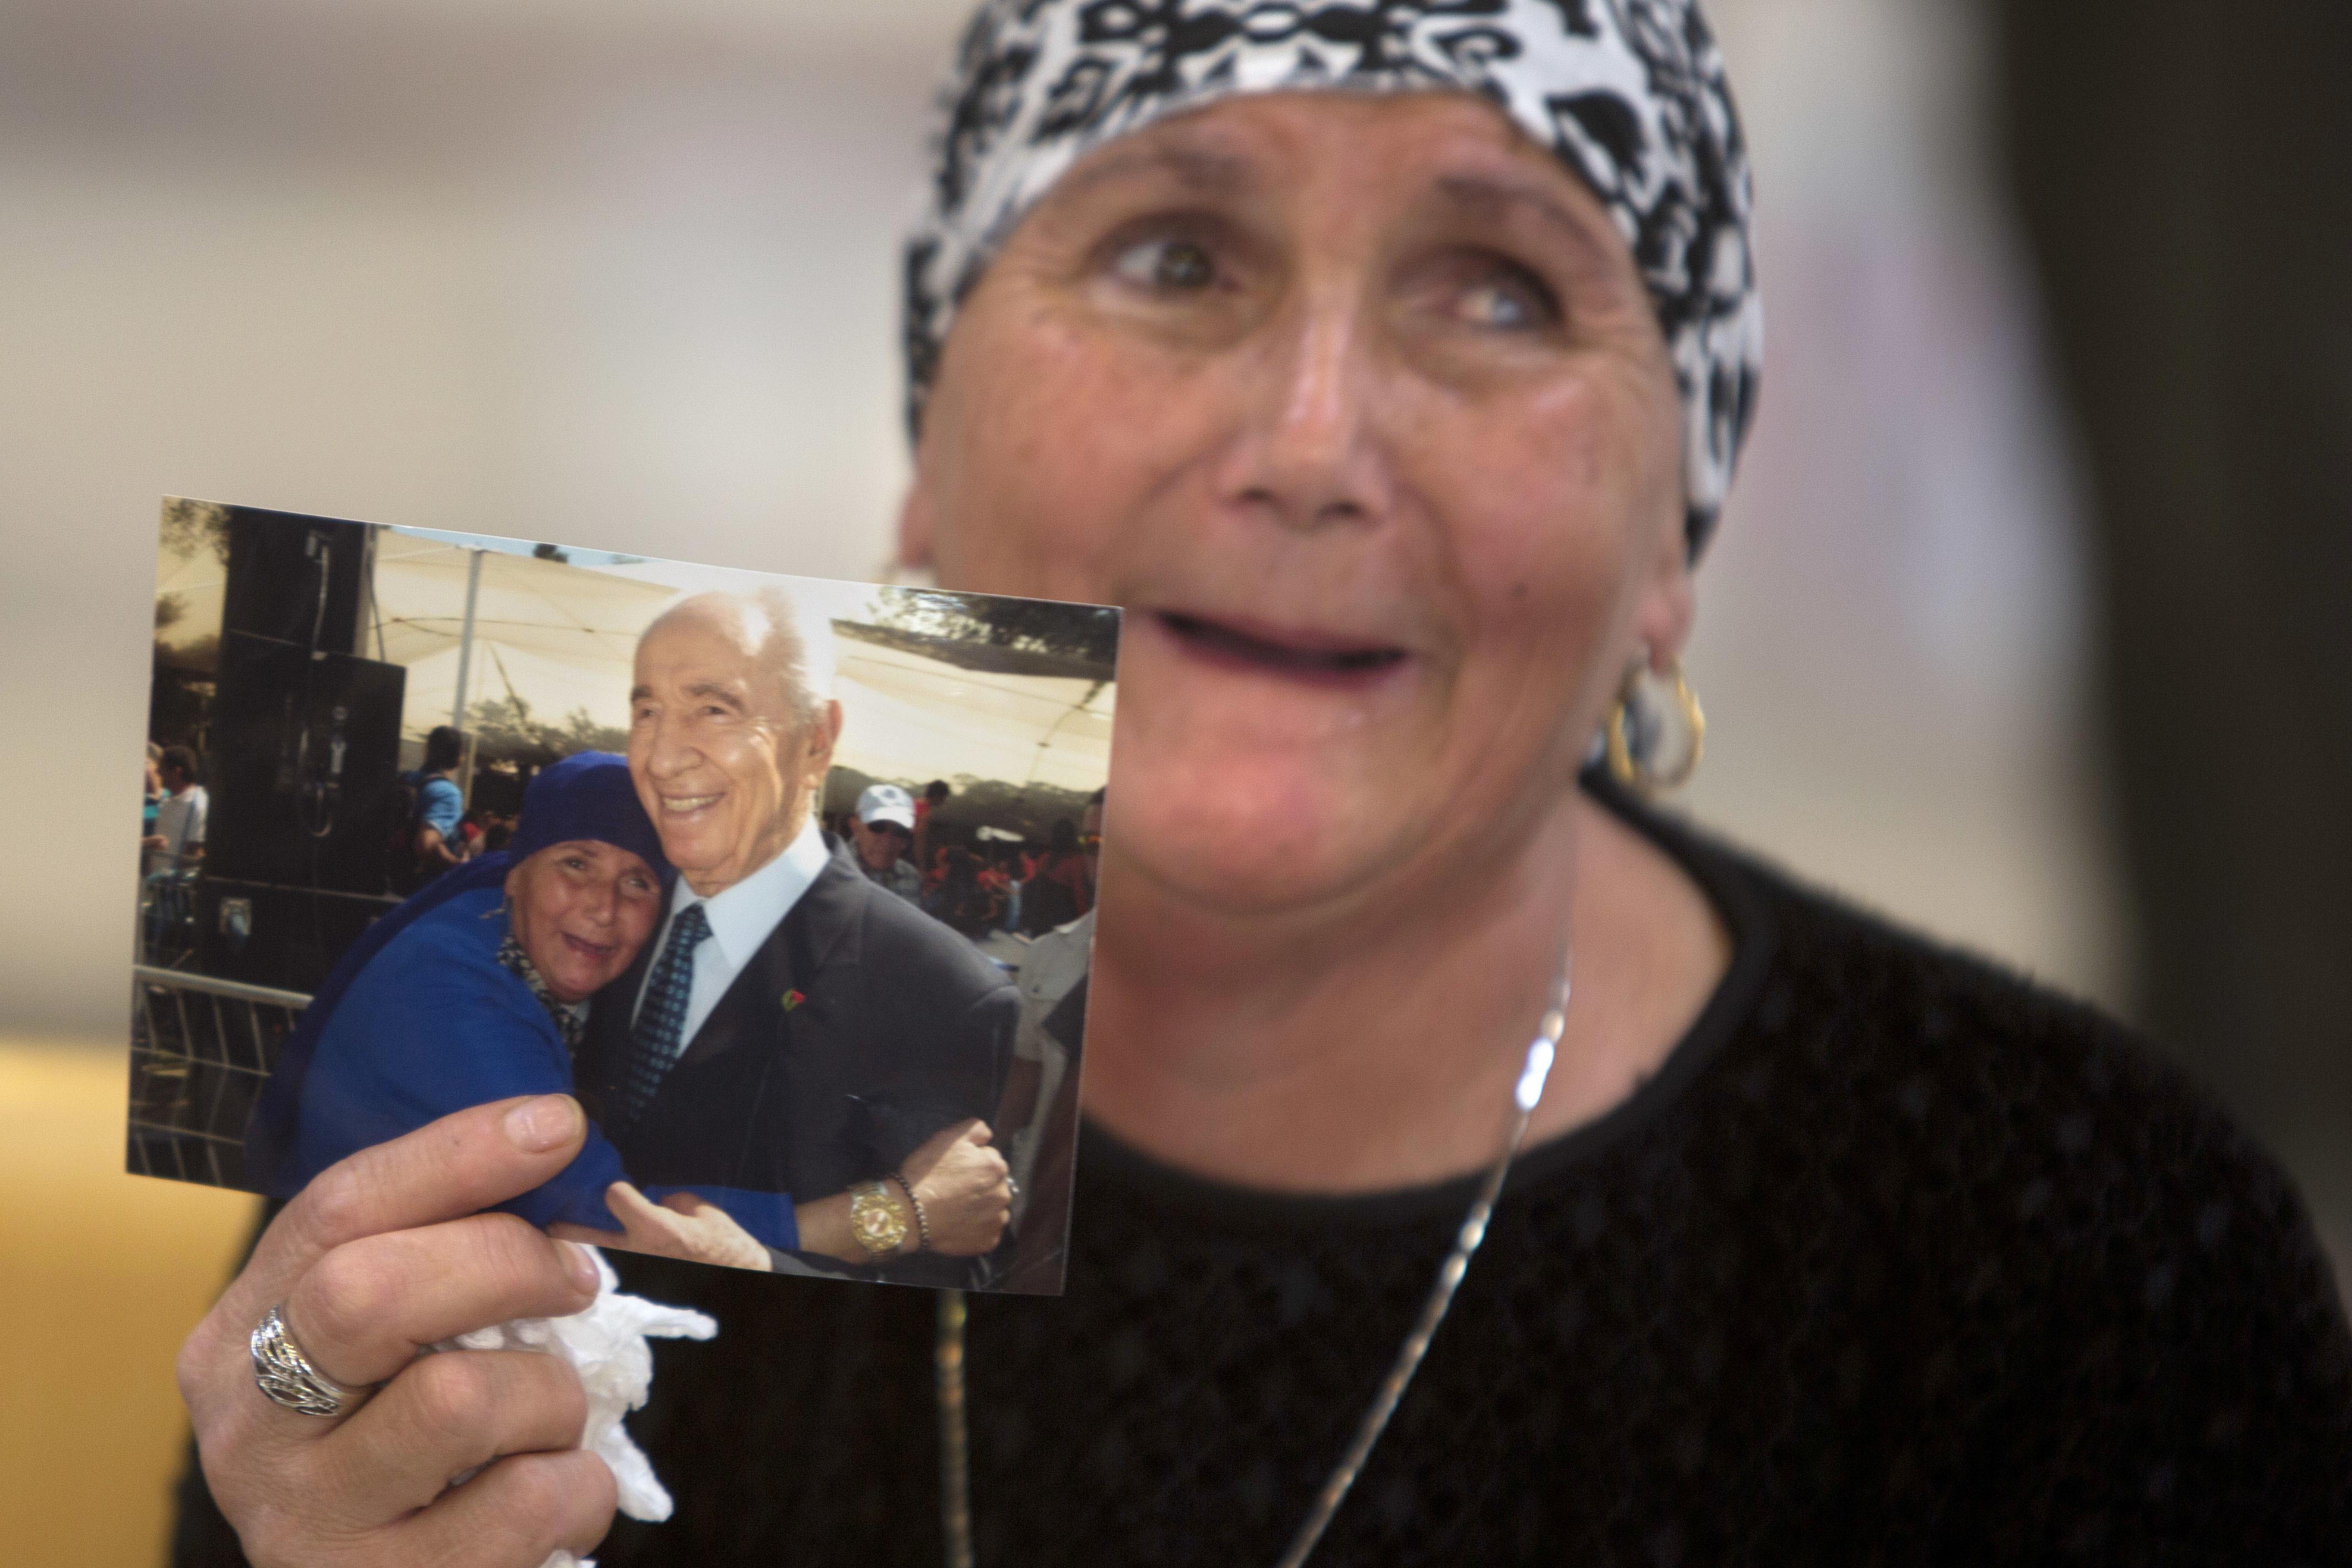 一位以色列婦女拿出她與前總統裴瑞斯的合照,祈求裴瑞斯能早日康復。(美聯社)